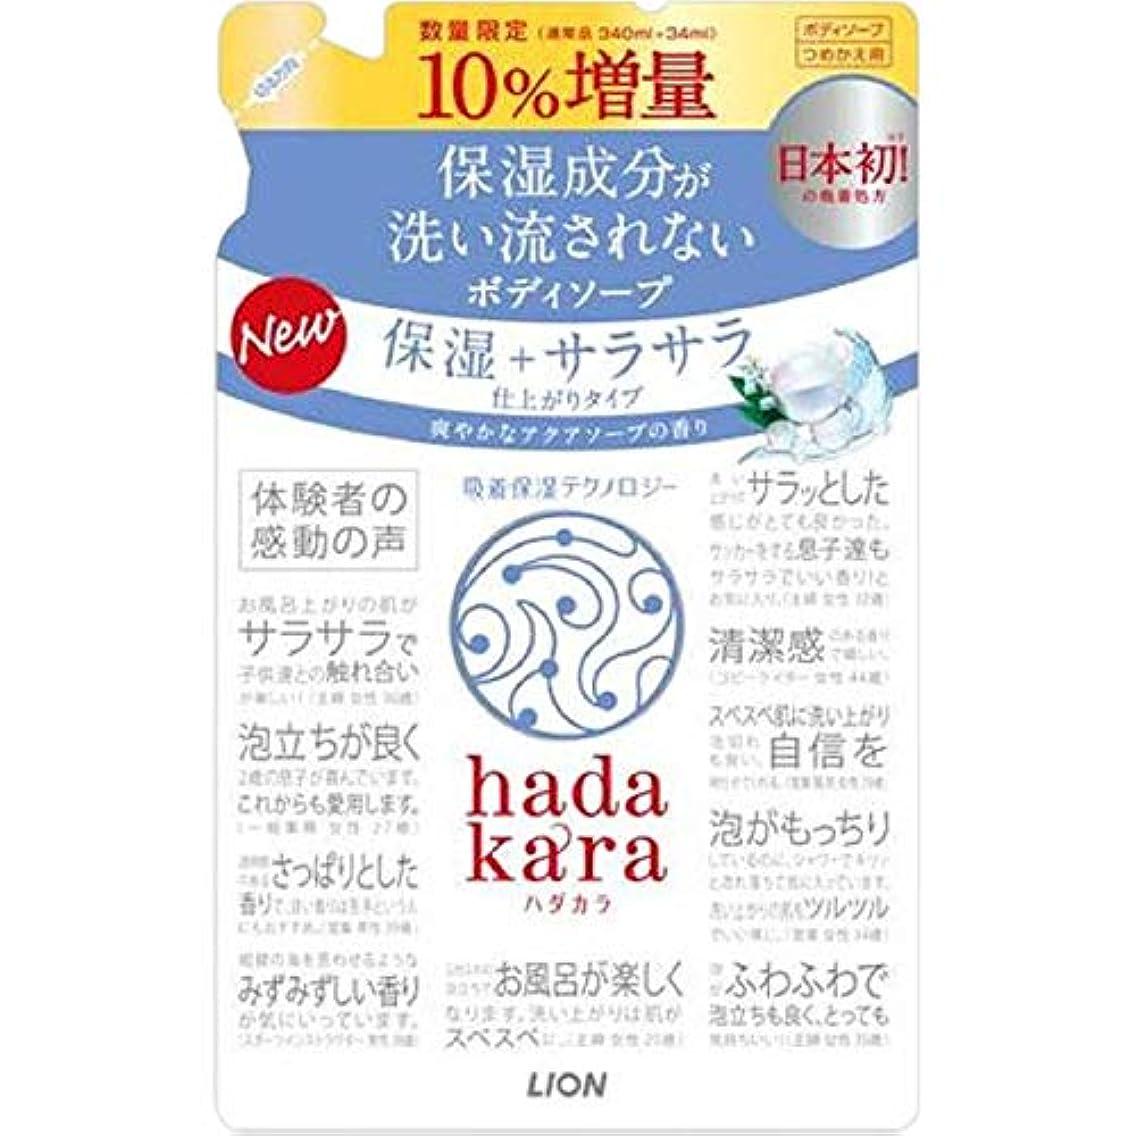 区別する食堂薄暗いライオン hadakara ボディソープ アクアソープ詰替増量 374ml